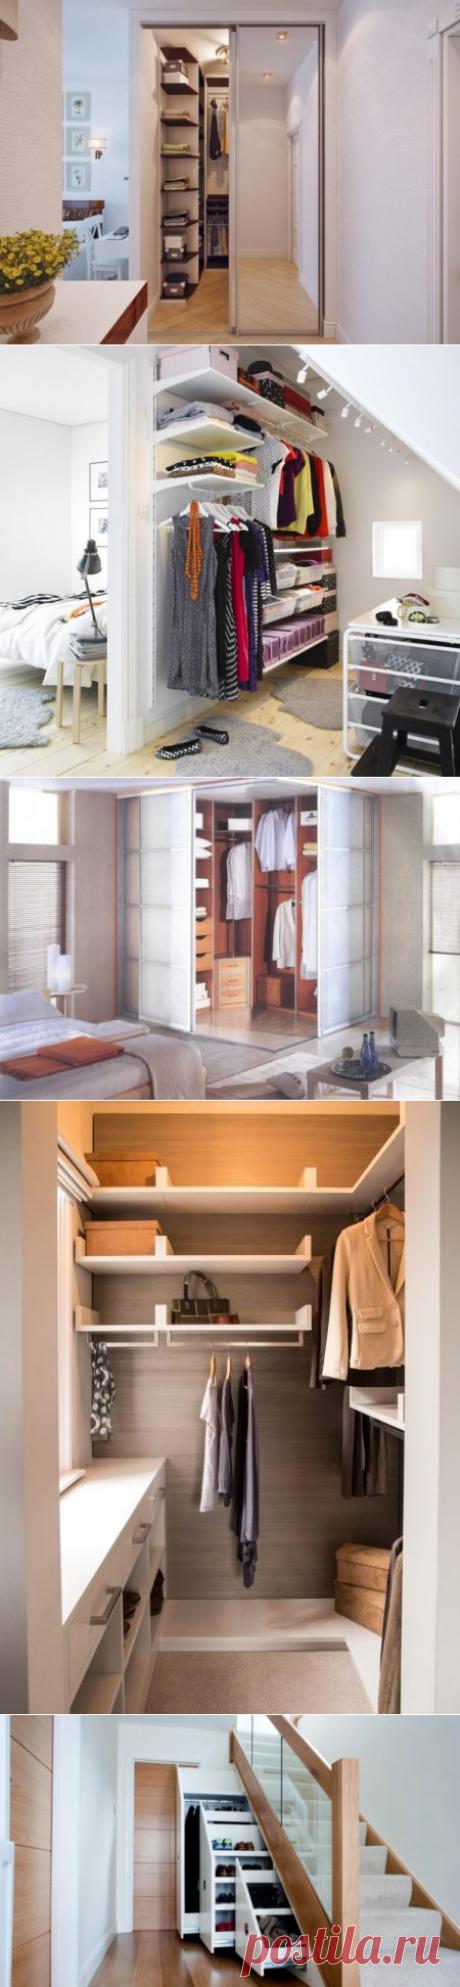 Как сделать гардеробную в коридоре – строим из дерева и старой мебели